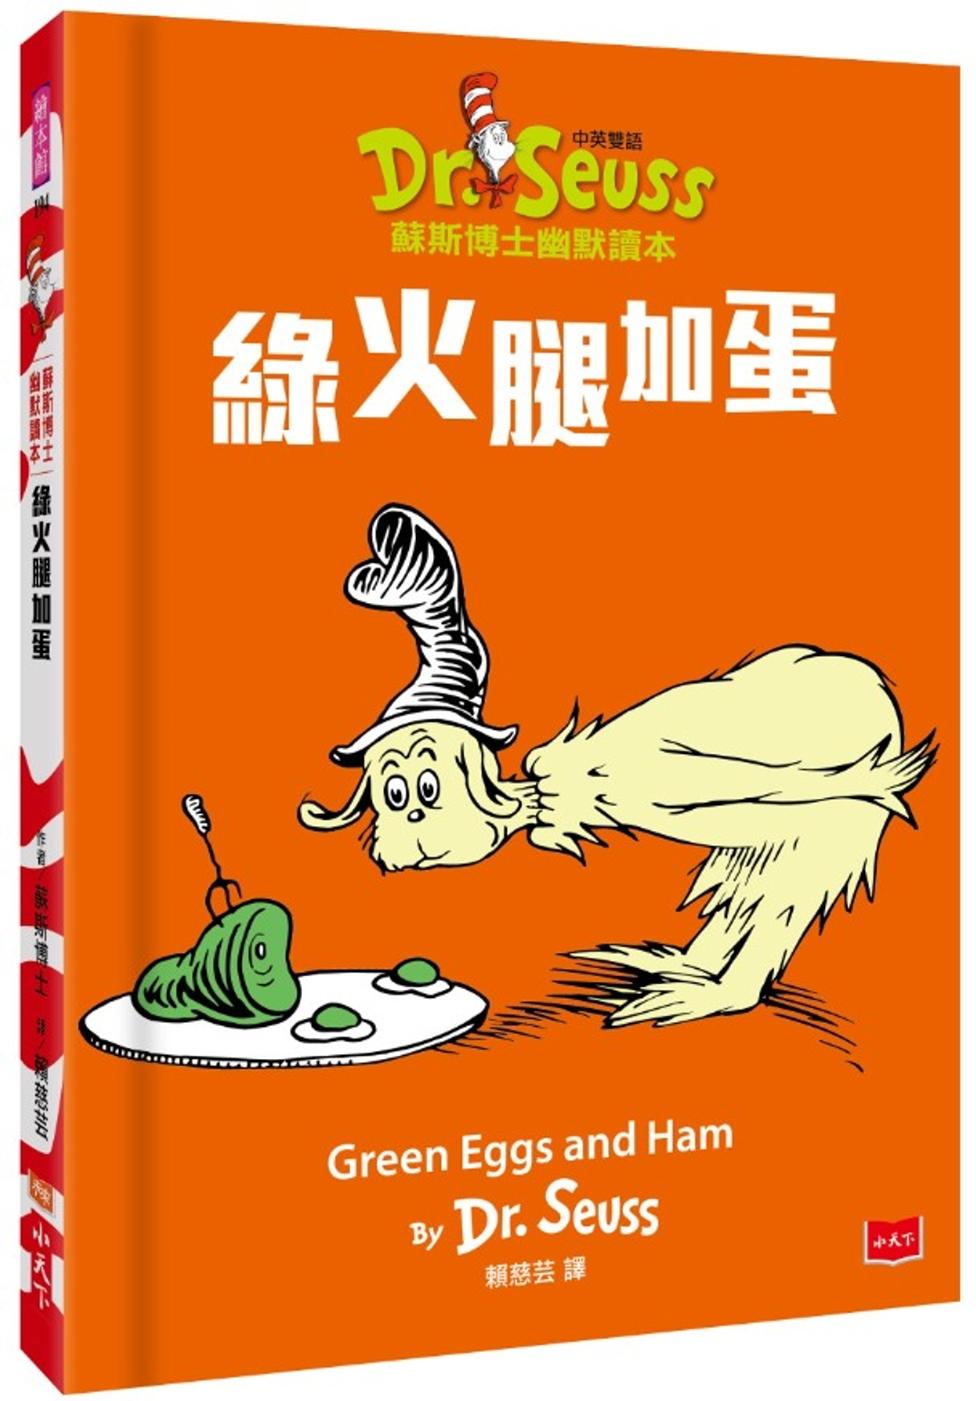 綠火腿加蛋 Green Eggs and Ham(中英雙語版):蘇斯博士幽默讀本